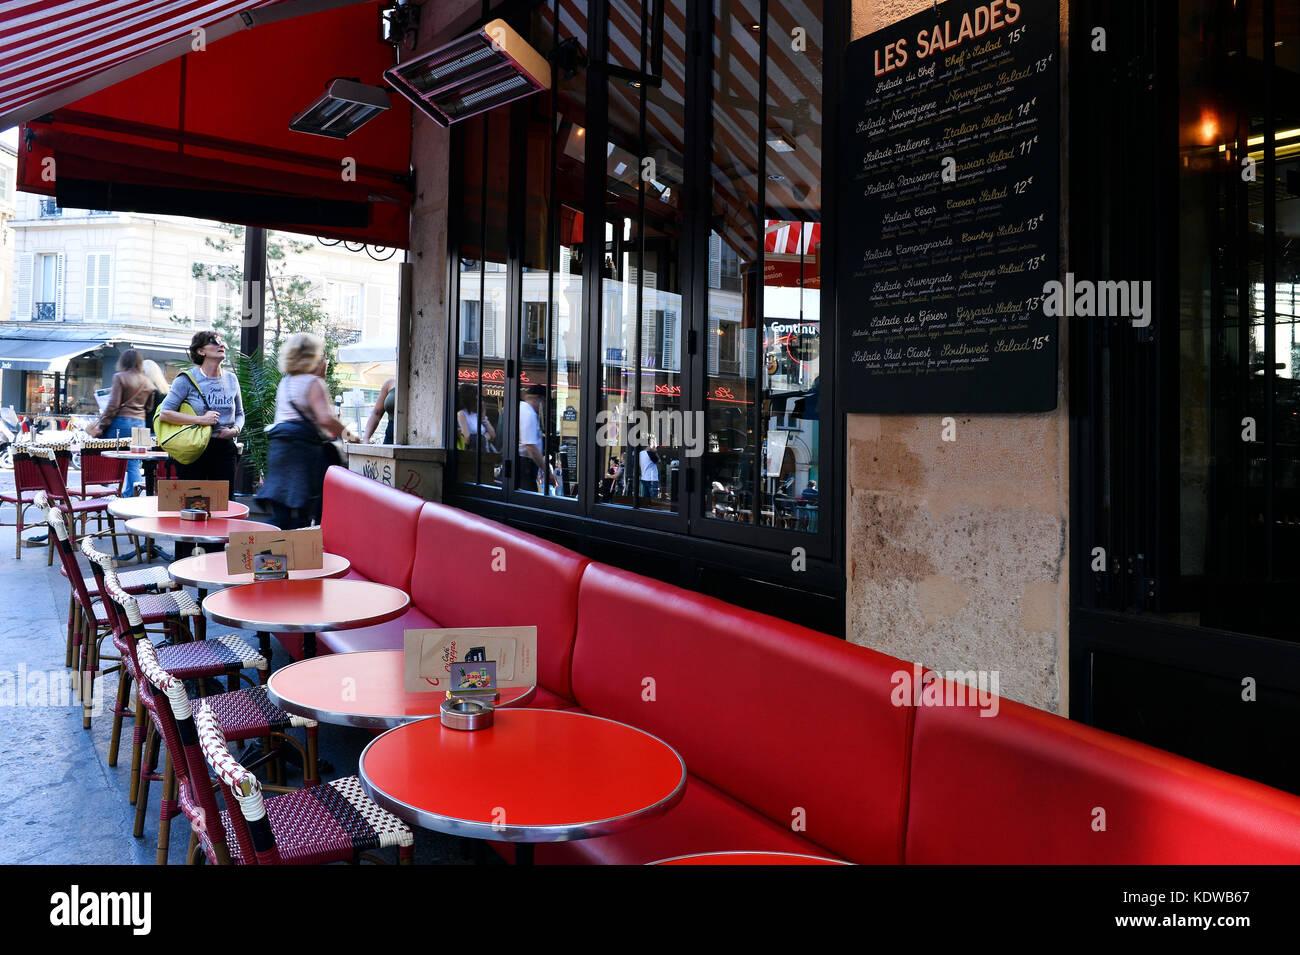 Café, brasserie, Montmartre, Paris - France - Stock Image